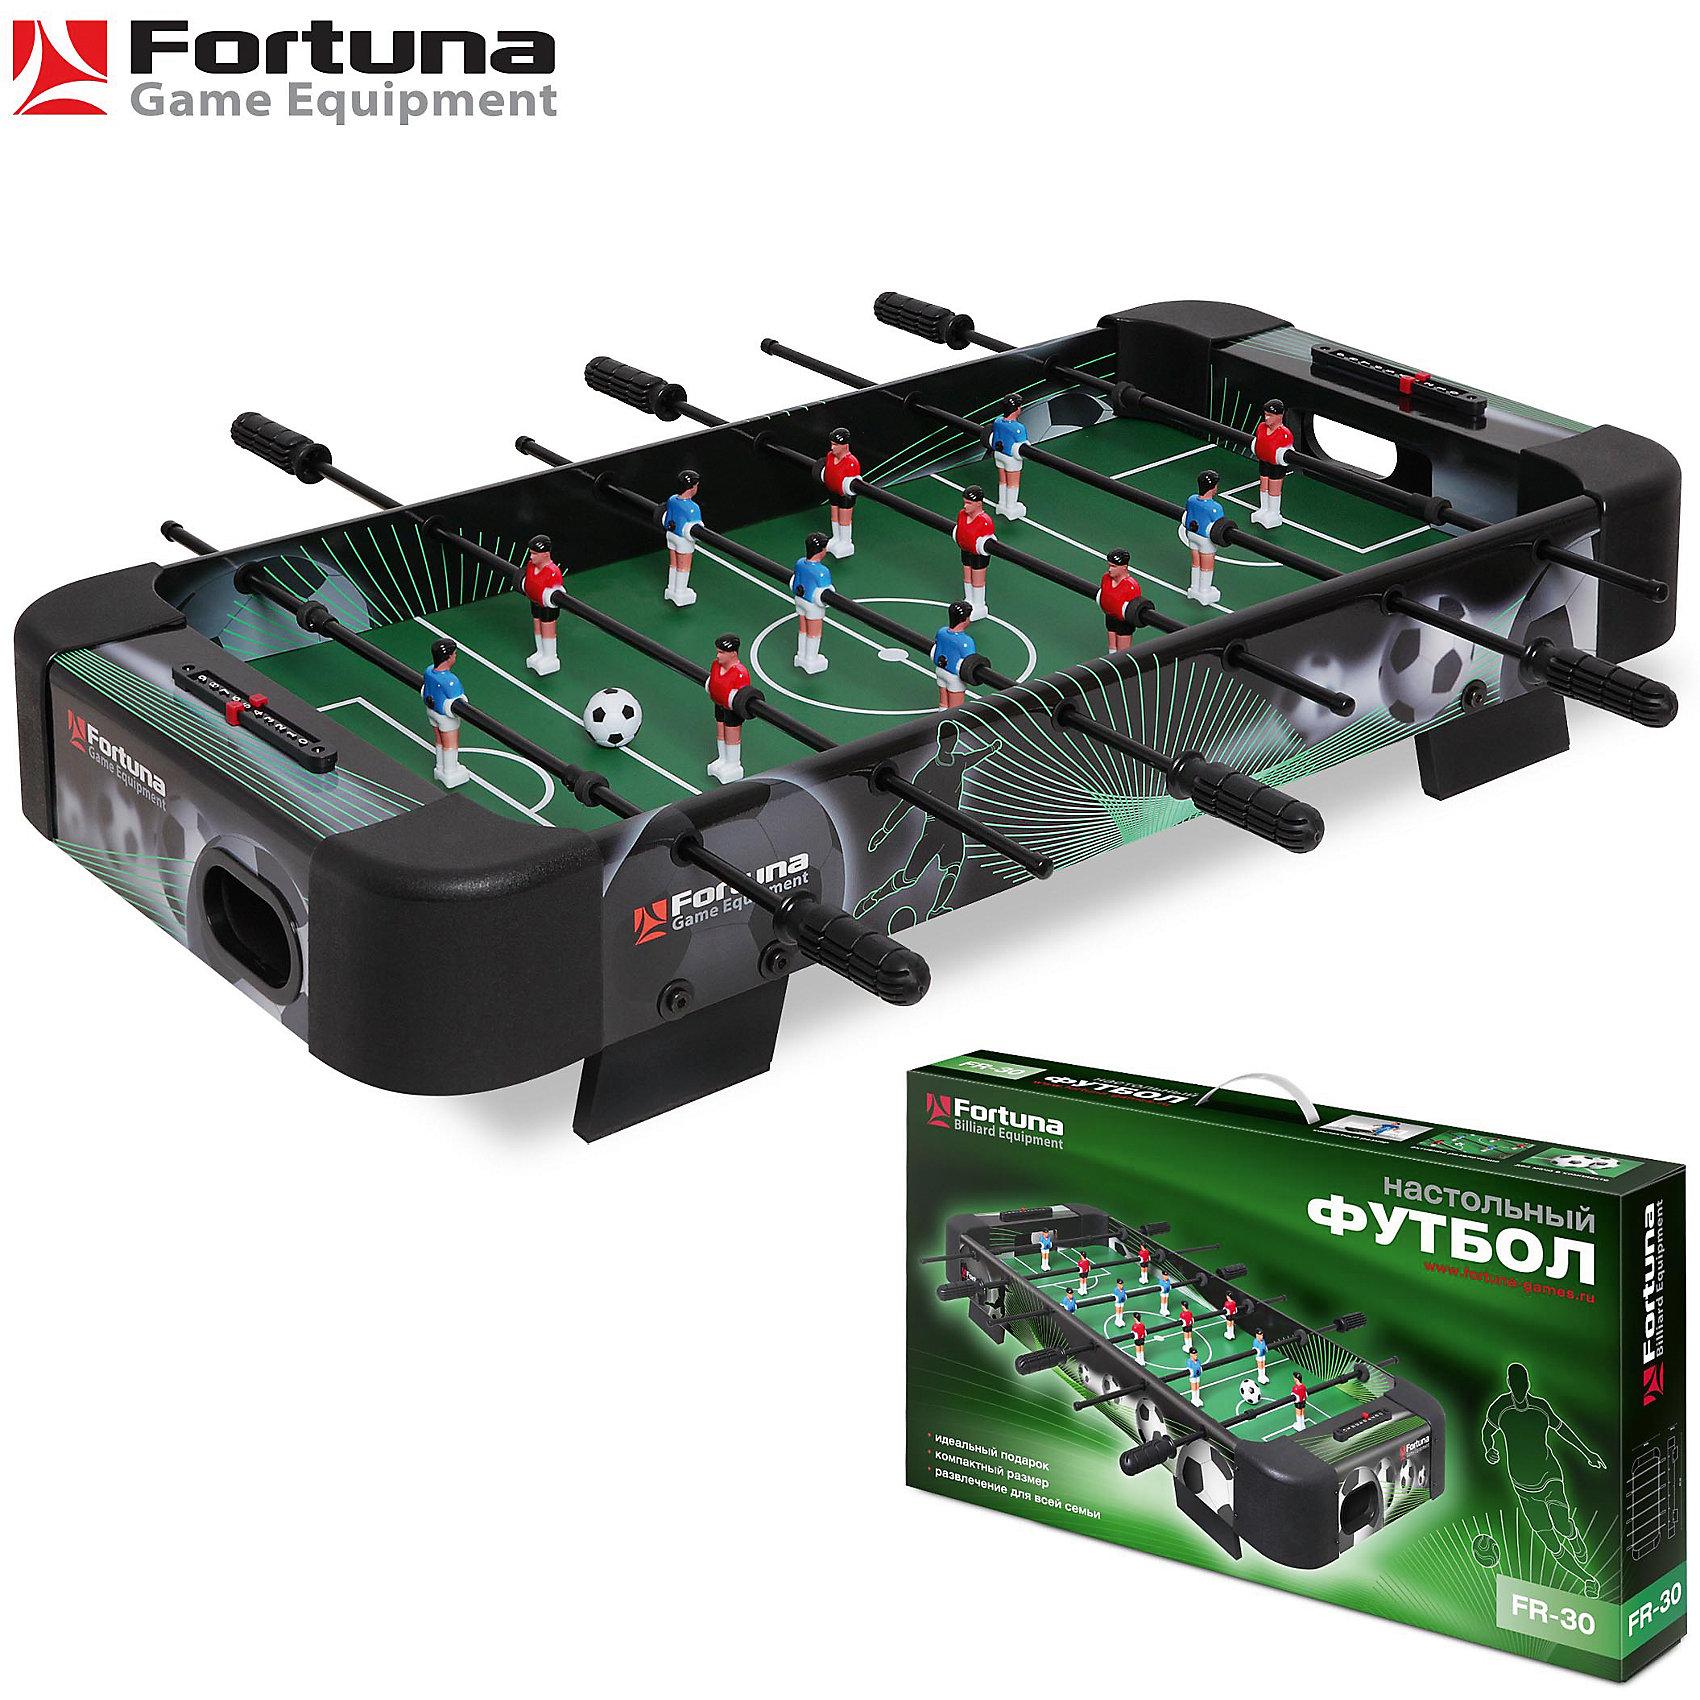 Настольный футбол-кикер, FR-30, 83,5x40x15 см, FortunaНастольные игры<br>Настольный футбол-кикер, FR-30<br><br>Характеристики игрового набора Fortuna Game Equipment:<br><br>• размер стола в собранном виде: 83х40х15 см;<br>• вес: 4,75 кг<br>• размер игрового поля: 69х37 см;<br>• не регулируется по высоте;<br>• мячи: 4 шт, диаметр 29 мм;<br>• материла корпуса + покрытие: МДФ/ПВХ;<br>• материал рукояток: резина;<br>• материал штанг: металл, количество штанг: 6 шт.;<br>• размер упаковки: 82х45х14 см;<br>• вес упаковки: 7,3 кг;<br>• упаковка: мастер-коробка, коммерческая коробка, МДФ, пенопласт, полиэтилен.<br><br>Настольный футбол-кикер, FR-30, 83,5x40x15 см, Fortuna можно купить в нашем интернет-магазине.<br><br>Ширина мм: 820<br>Глубина мм: 140<br>Высота мм: 450<br>Вес г: 7300<br>Возраст от месяцев: 36<br>Возраст до месяцев: 2147483647<br>Пол: Унисекс<br>Возраст: Детский<br>SKU: 5032453